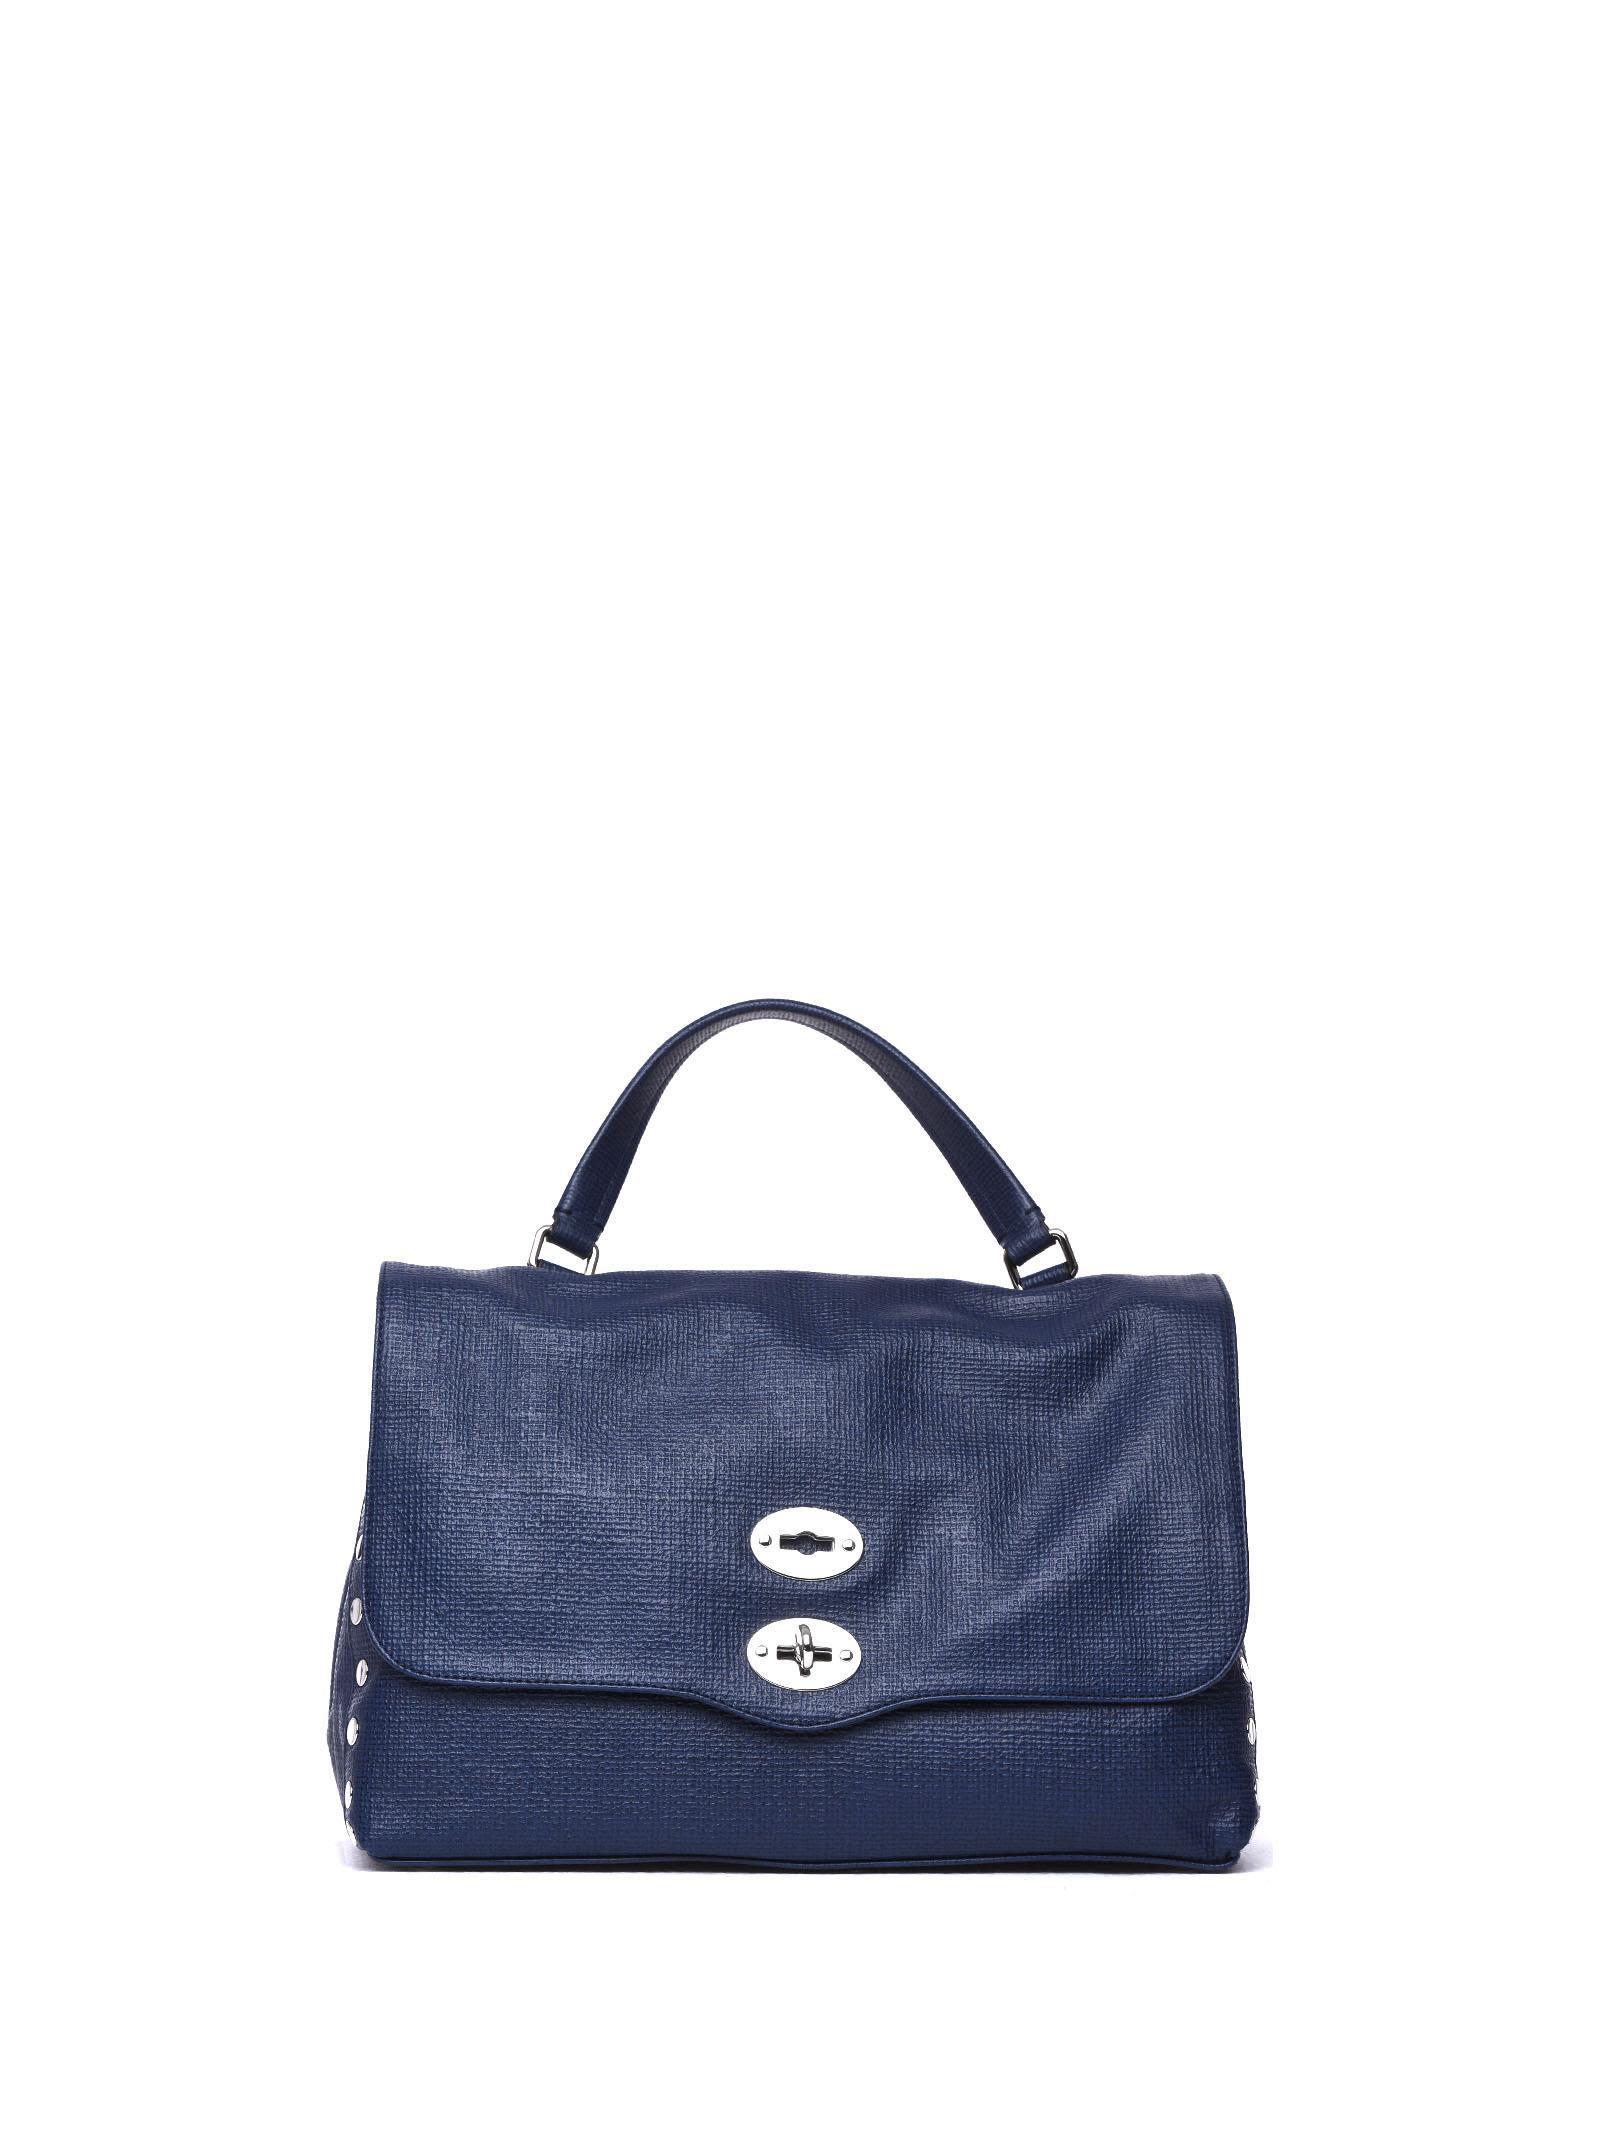 Zanellato Postina M Curturo Blue Bag In Profondo